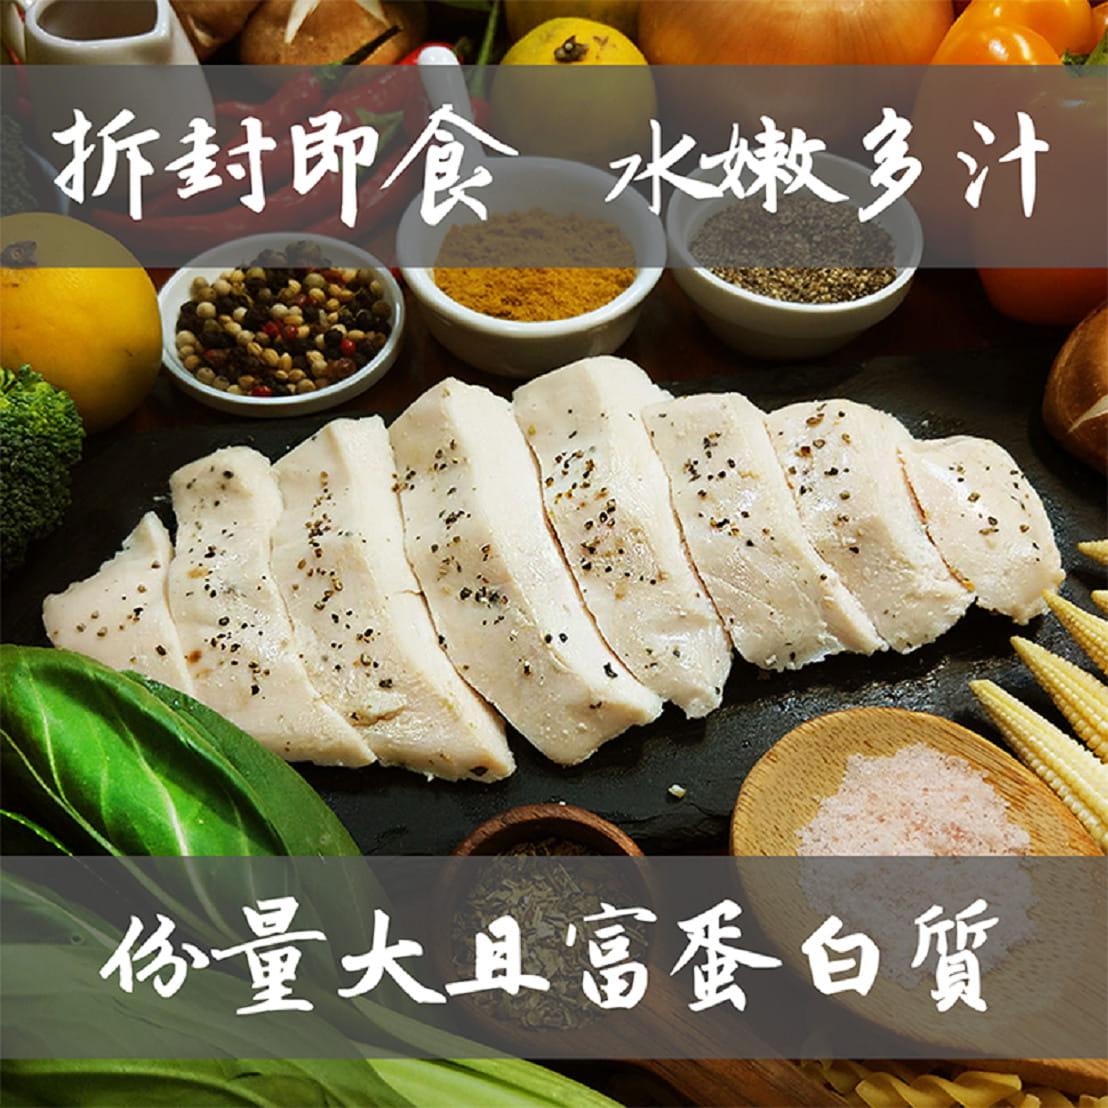 【野人舒食】低溫烹調舒肥雞胸肉-開封即食 滿30包以上贈地瓜